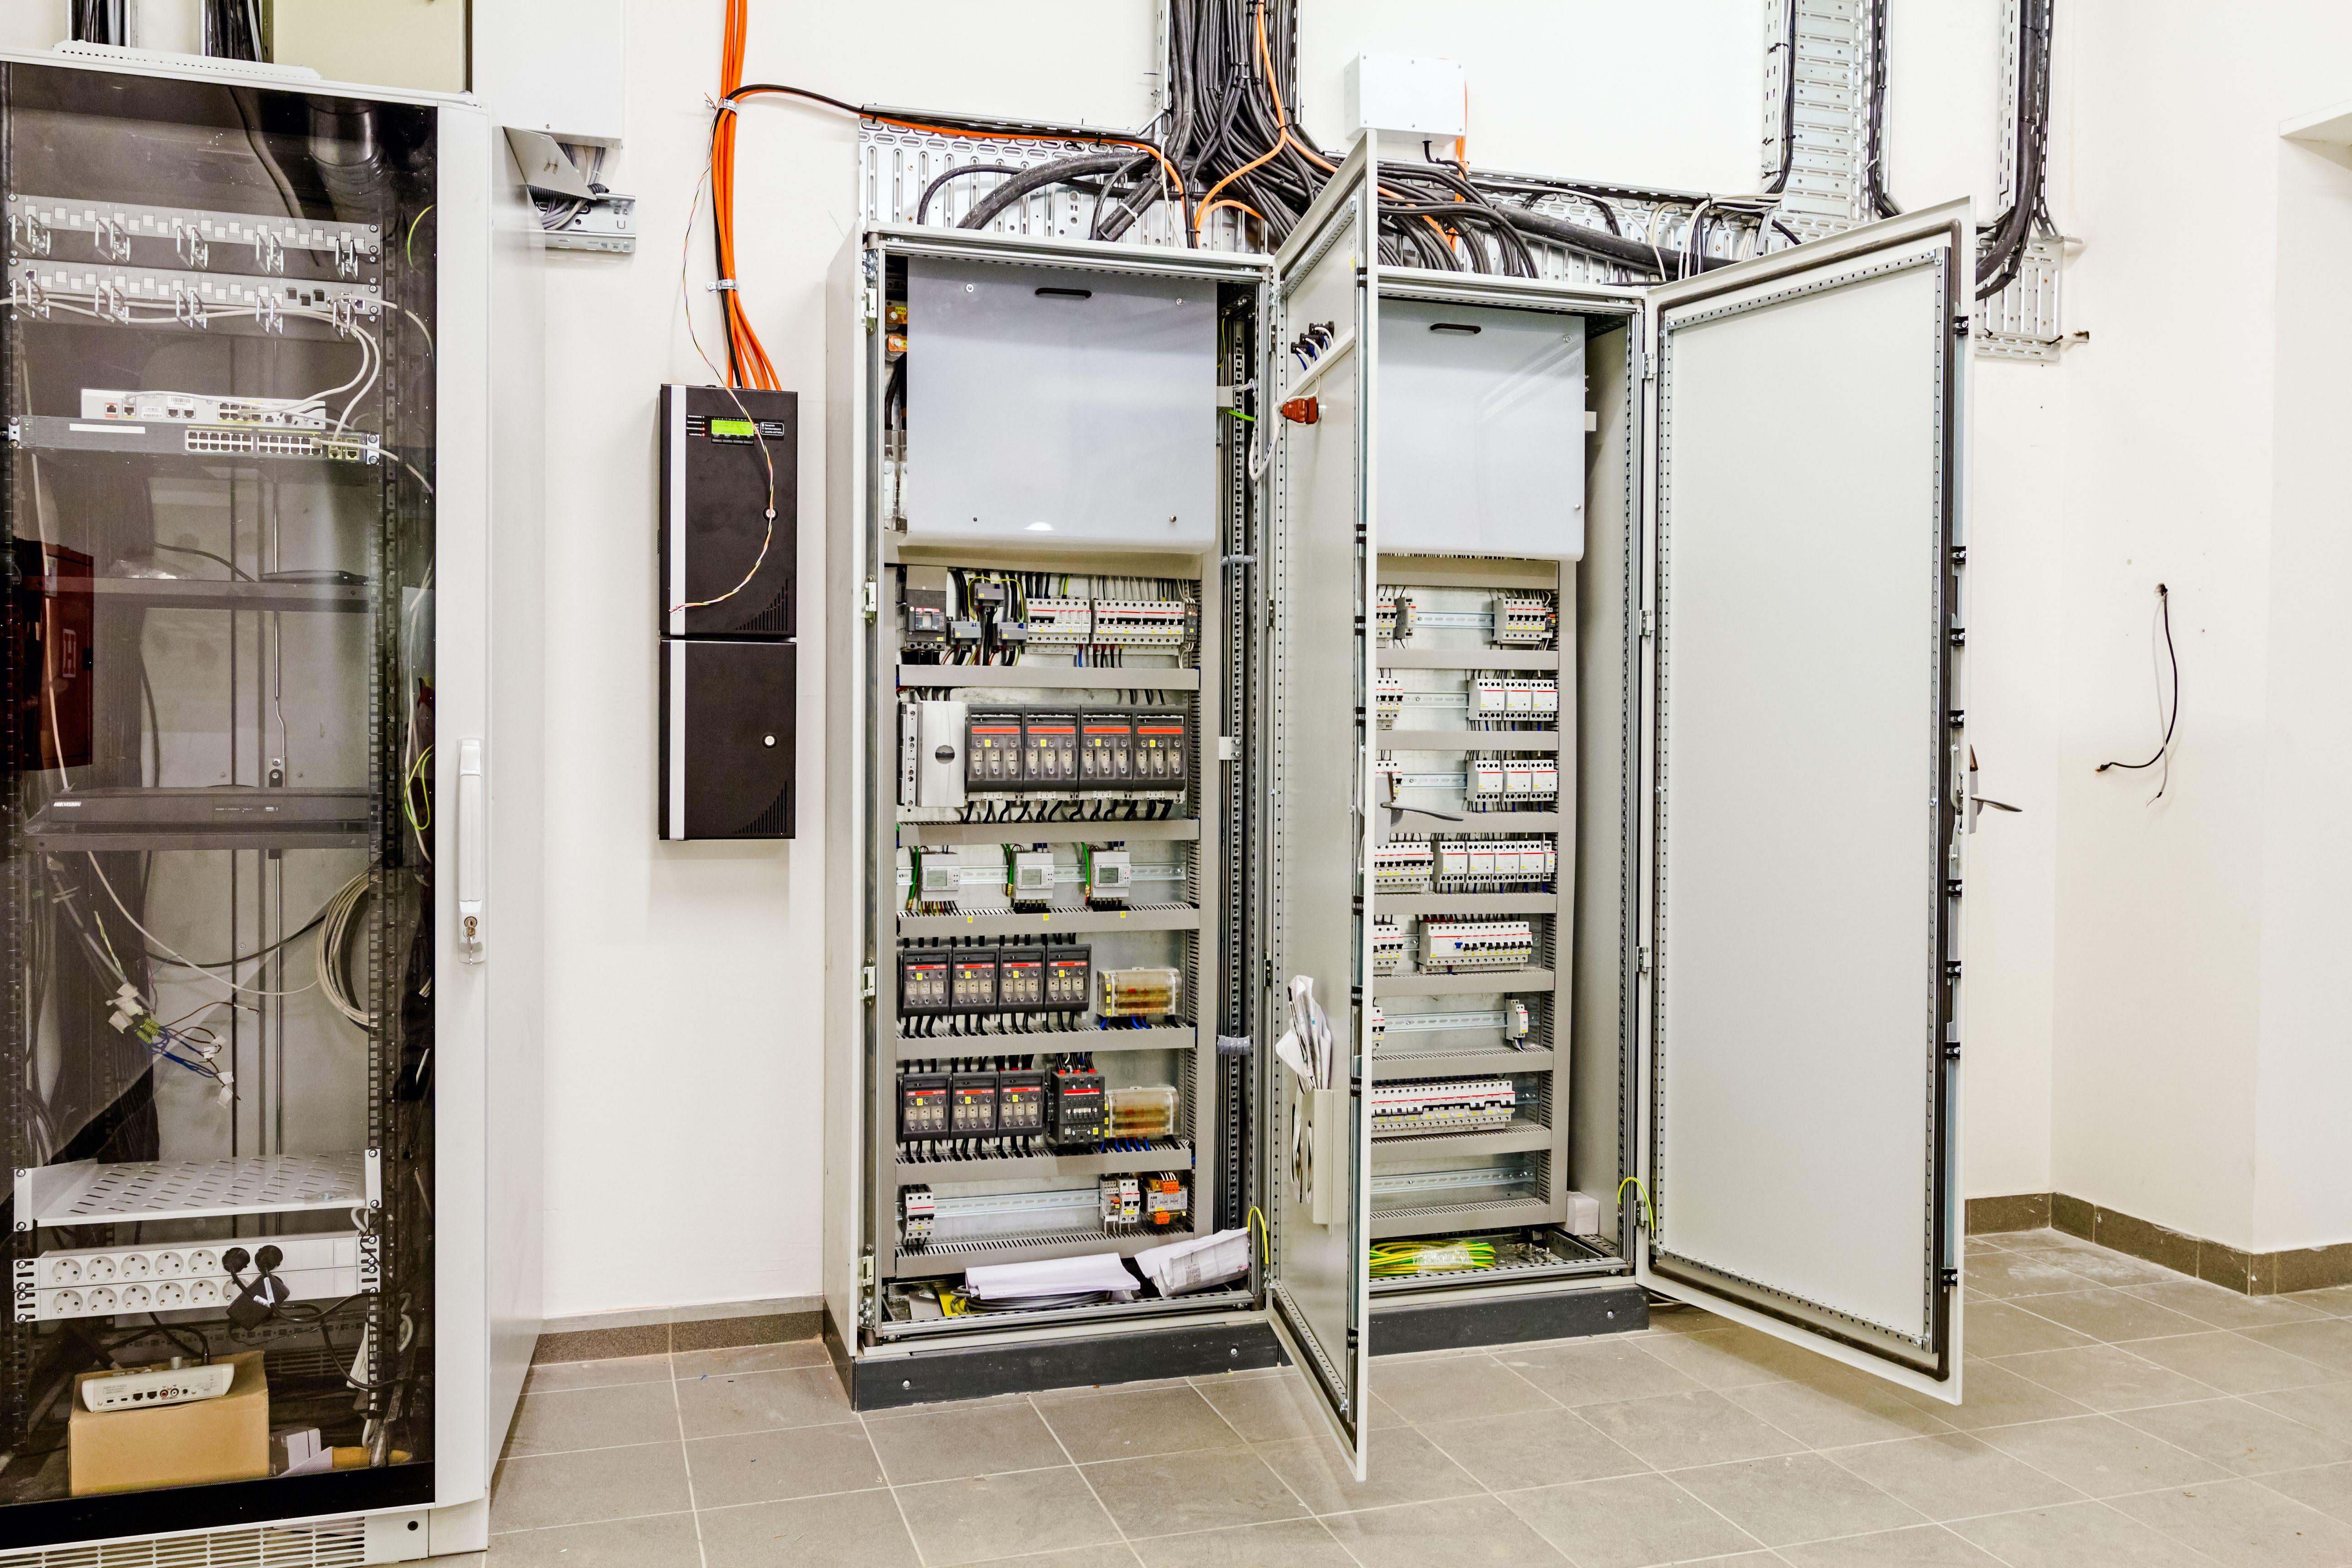 Instalaciones eléctricas de baja tensión en Madrid